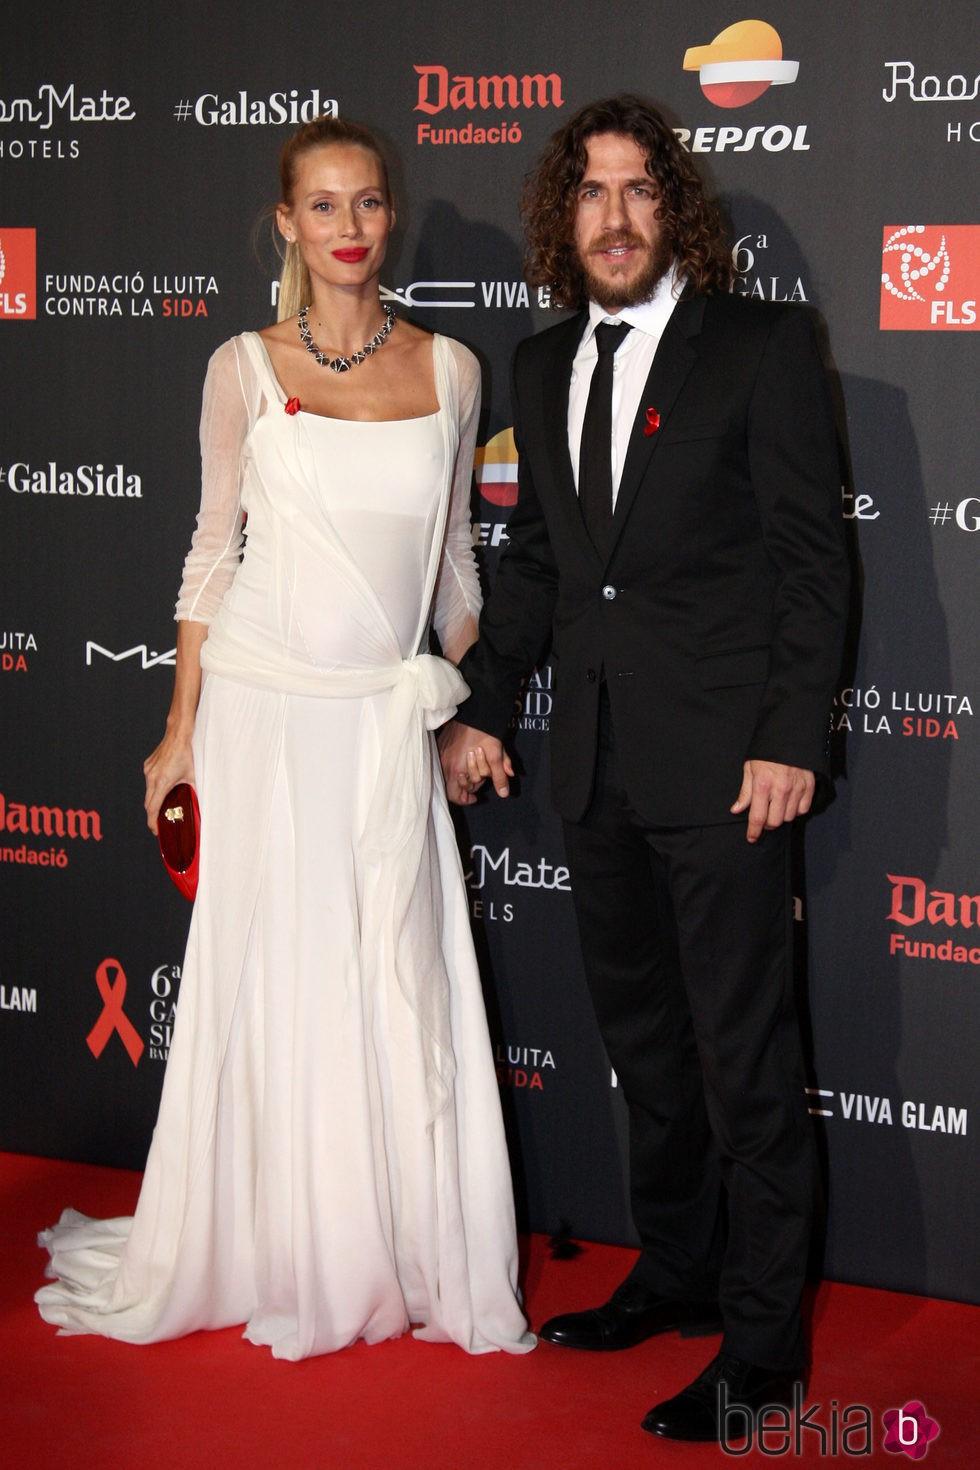 Carles Puyol y Vanesa Lorenzo en la Gala contra el Sida 2015 de Barcelona